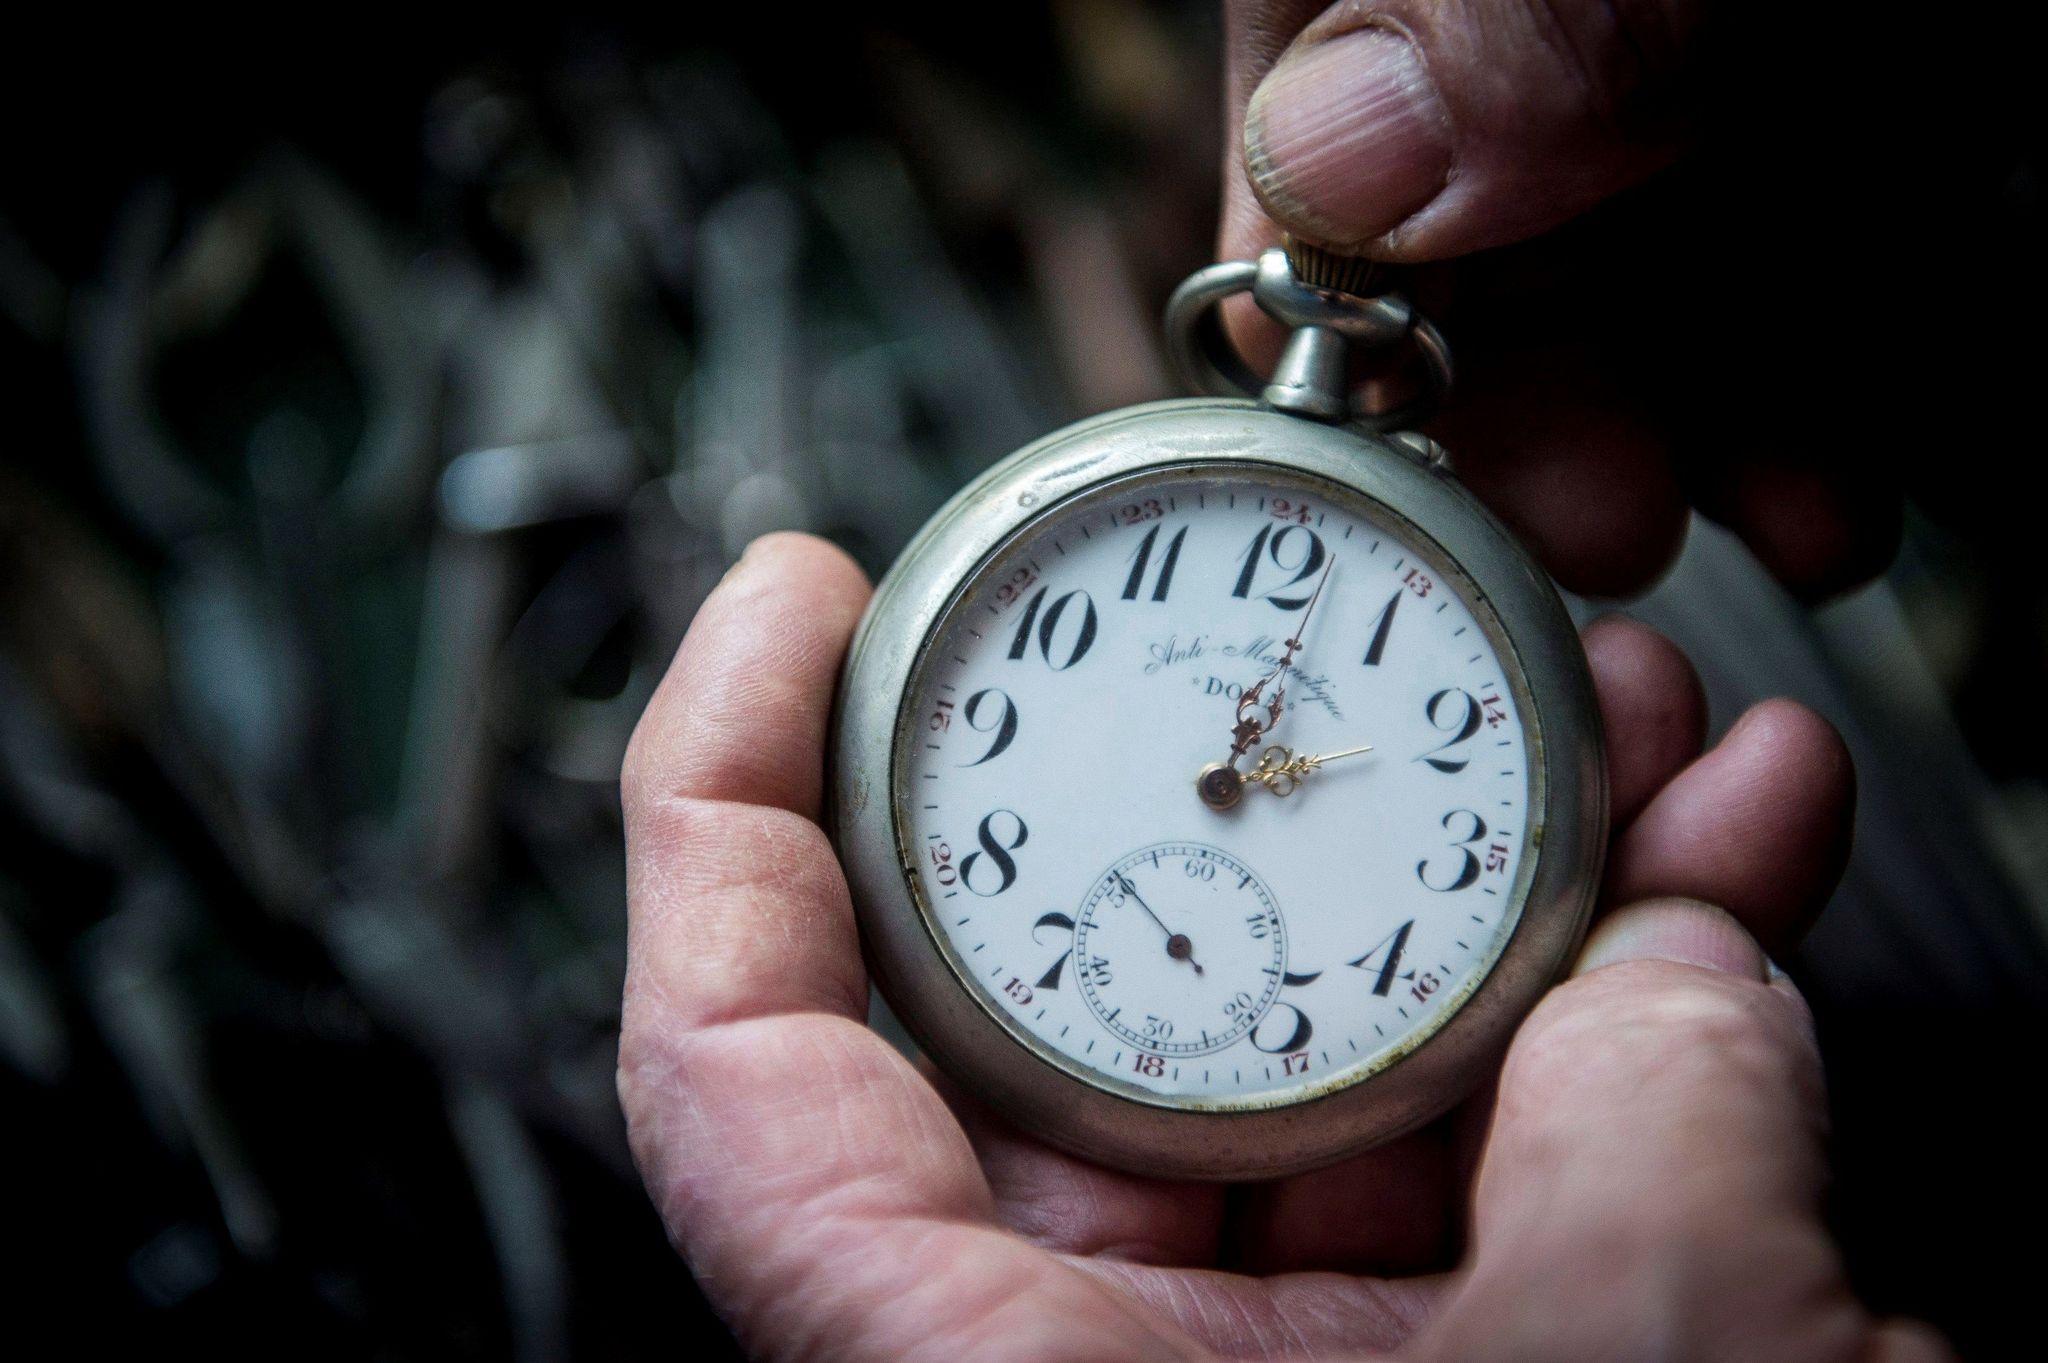 Cambio de hora: ¿Qué beneficios tendrá no cambiar el reloj?